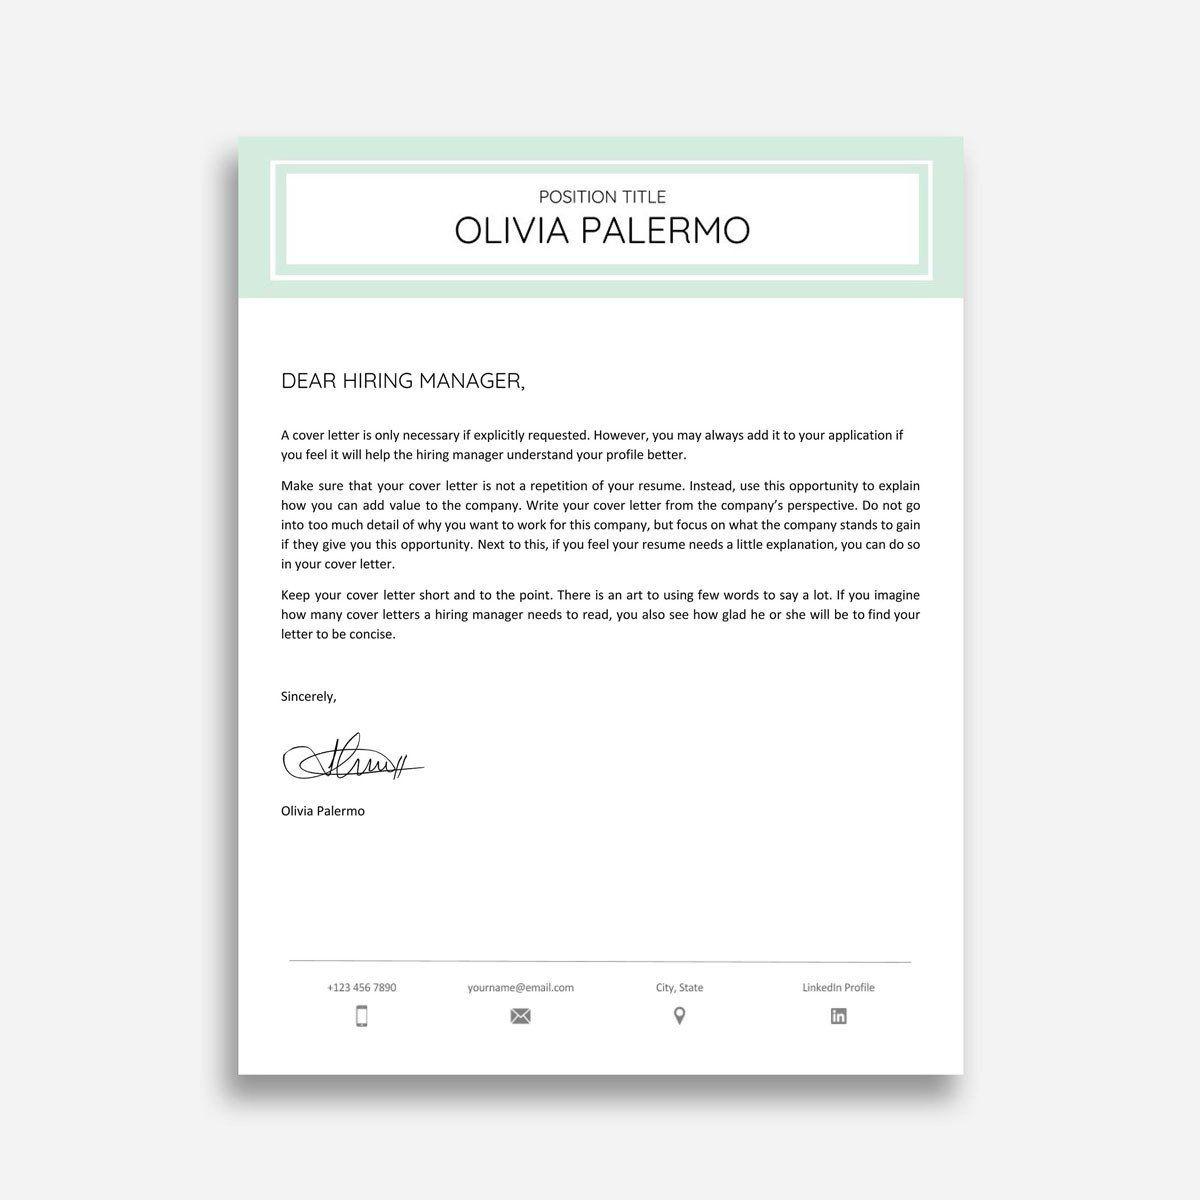 004 Amazing Google Doc Cover Letter Template Design  Swis Free RedditFull